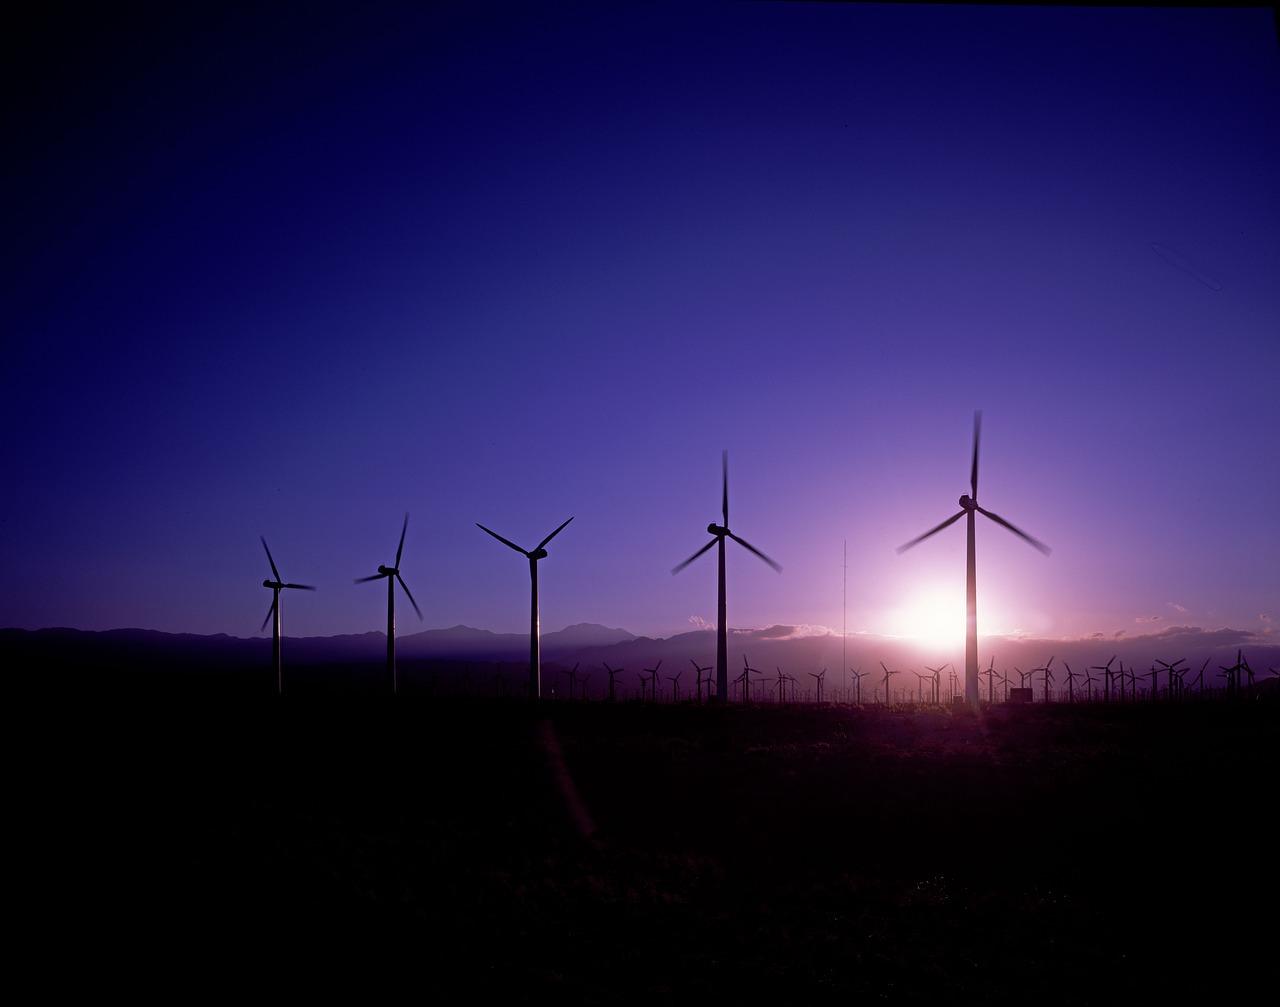 Transición energética a renovables en México y el mundo es urgente: UNAM